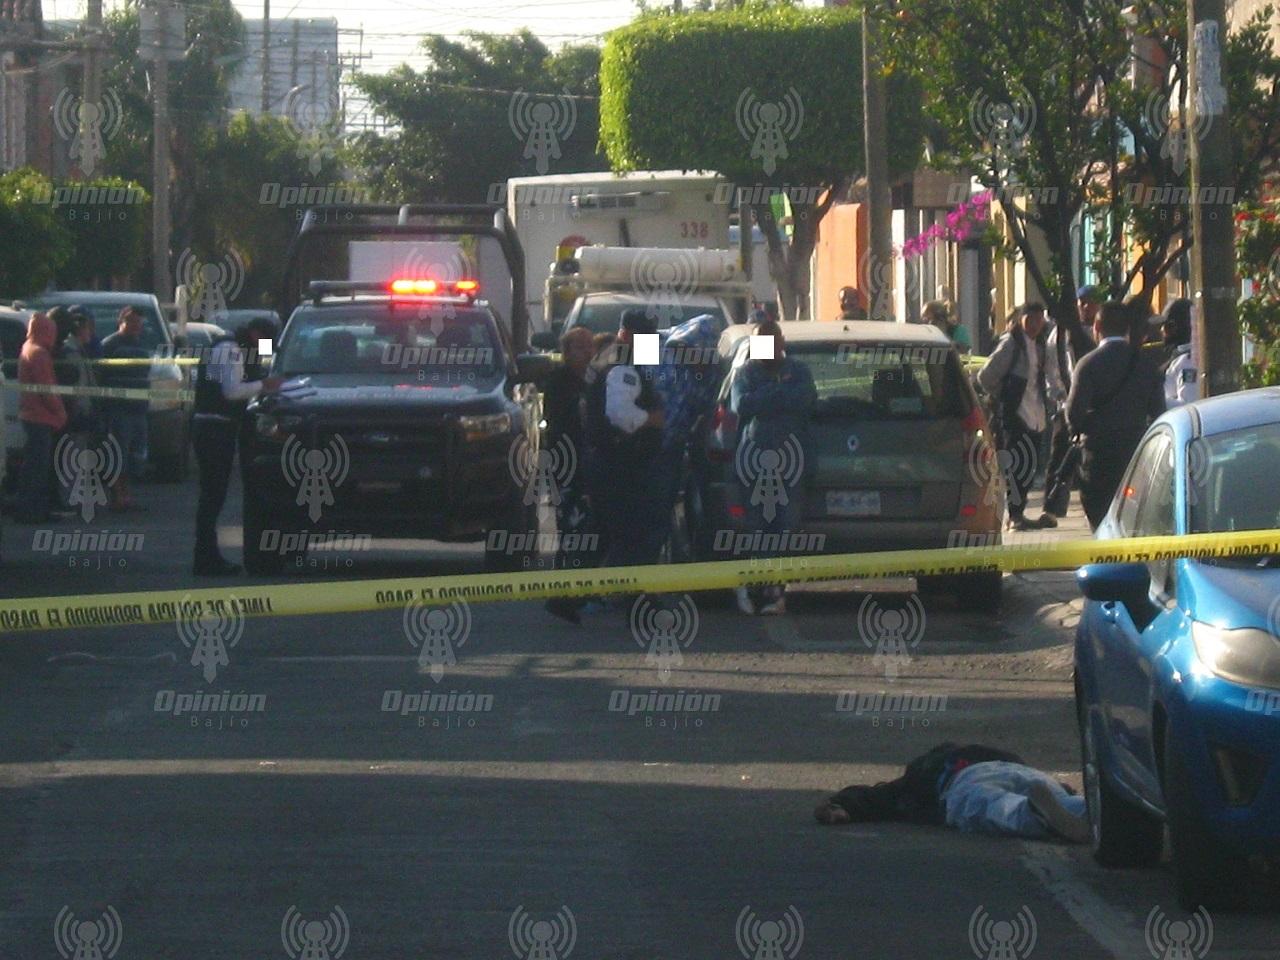 Asesinan a hombre a balazos y encuentran cadáver de mujer encobijada